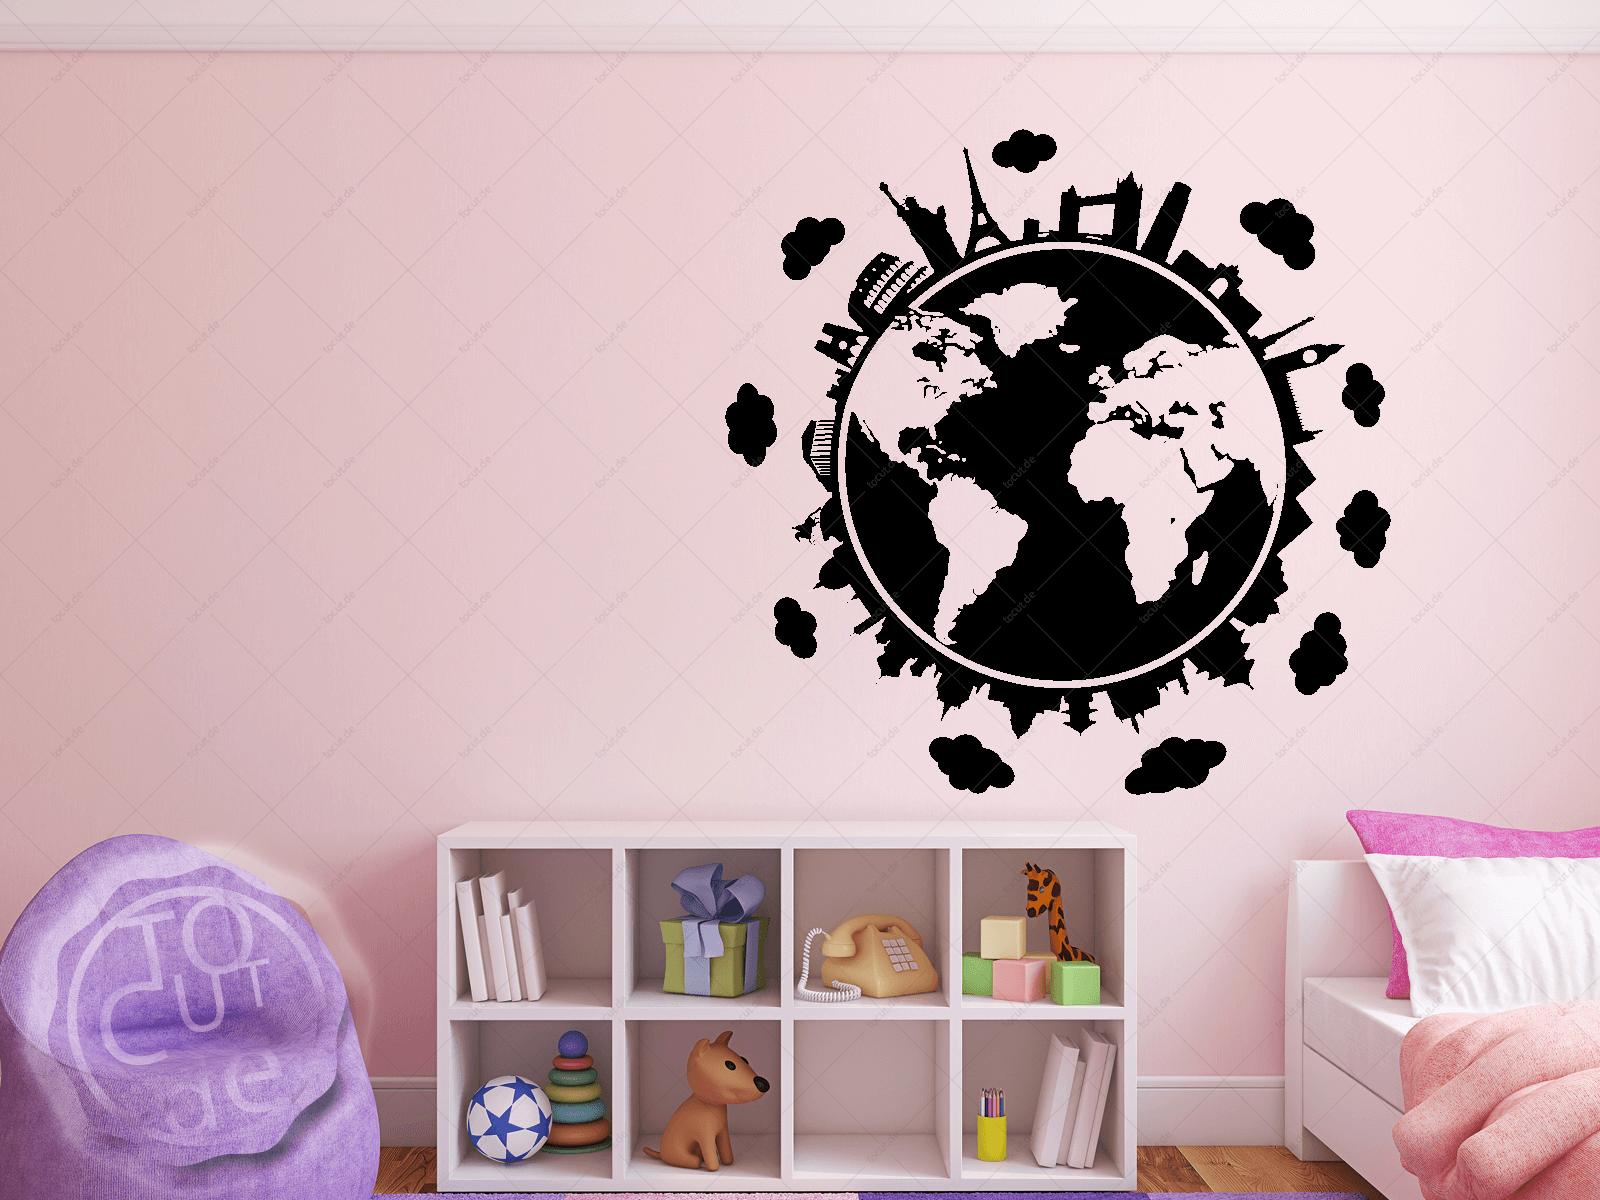 Wandtattoo Weltkugel Skylines Wohnzimmer Schlafzimmer Küche Wandaufkleber  eBay